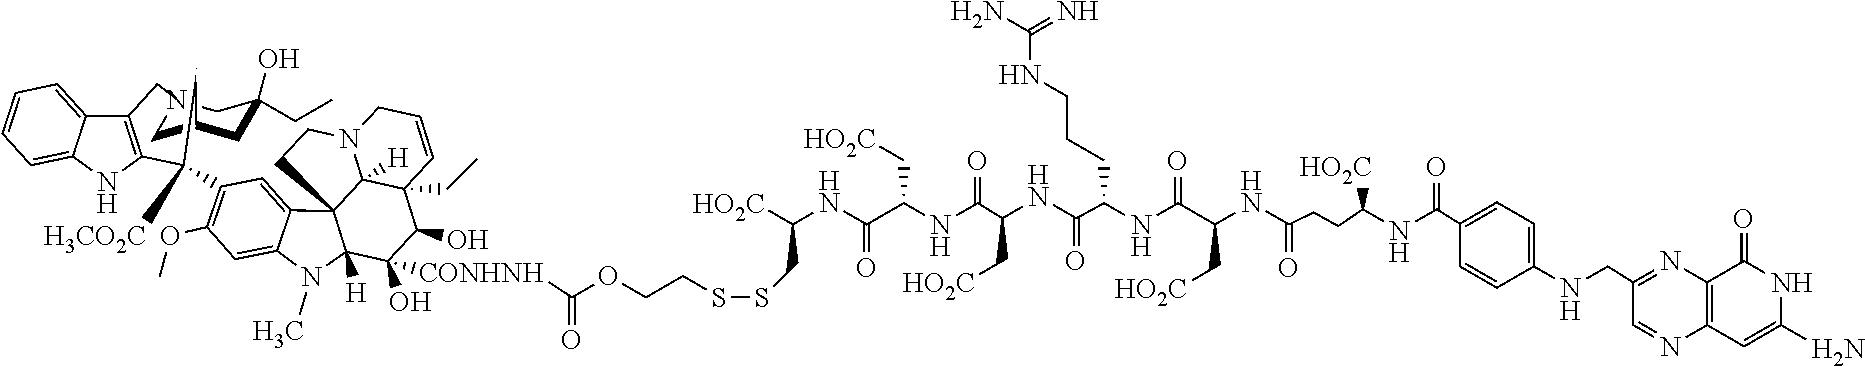 Figure US09550734-20170124-C00039